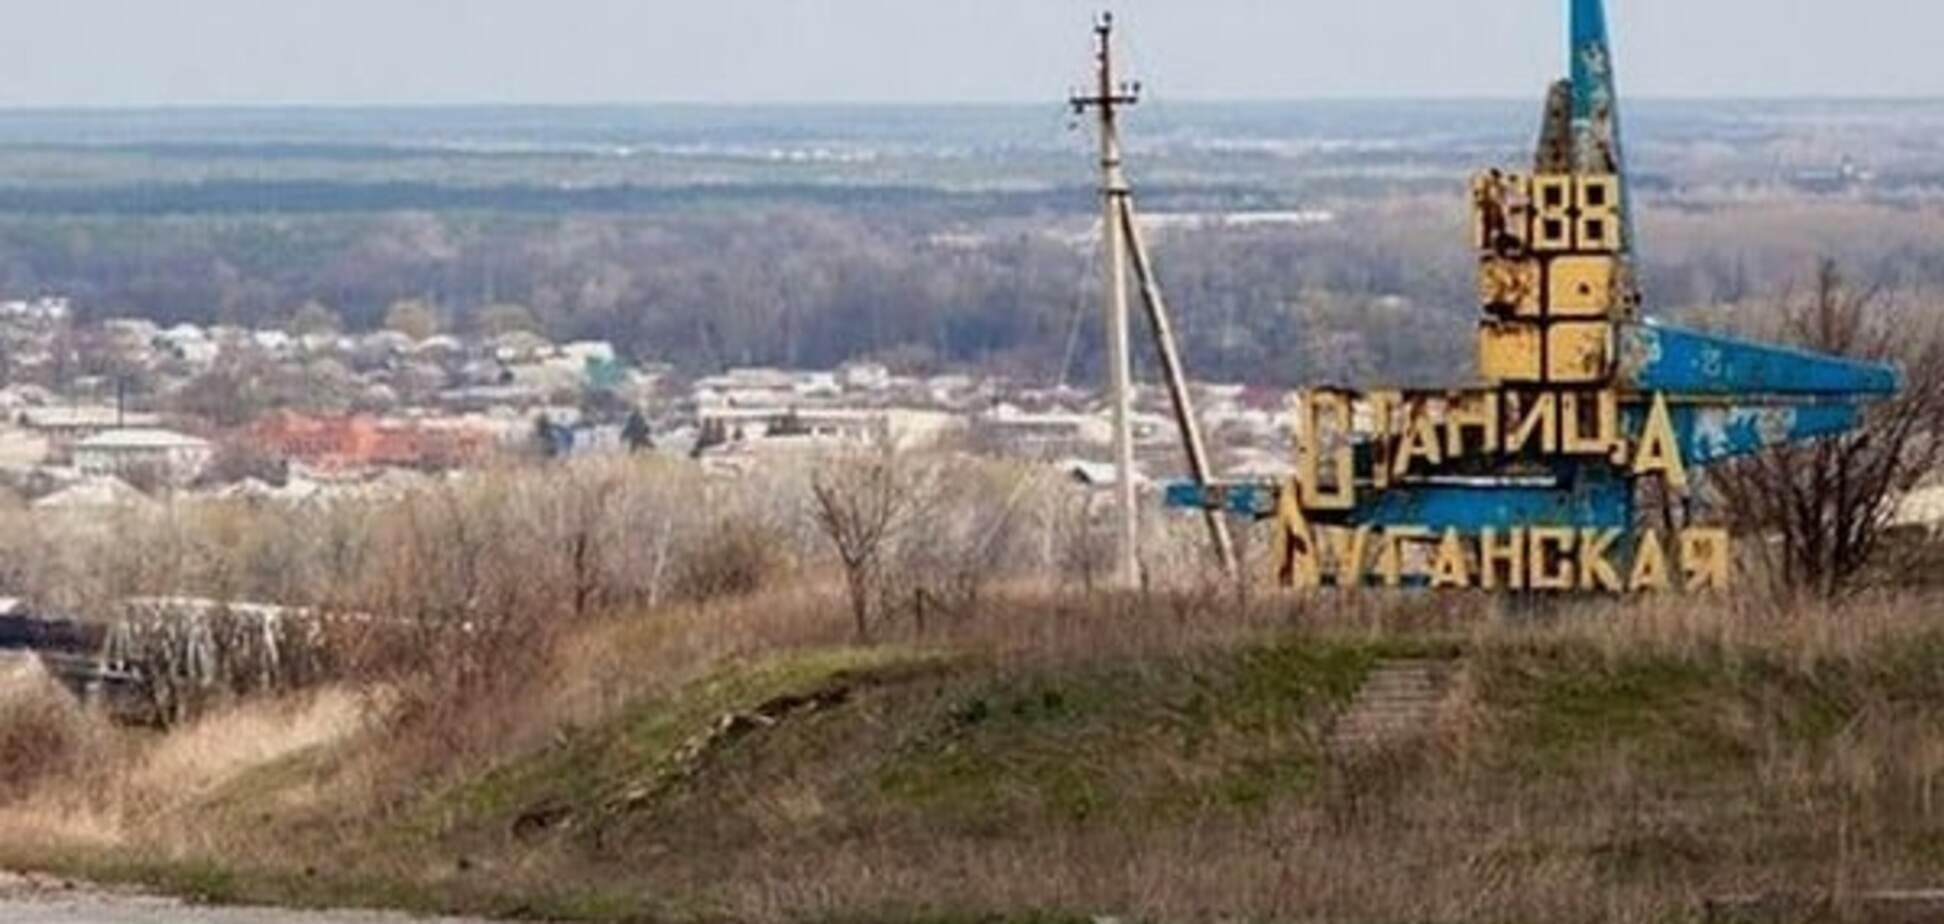 Терористи атакували Луганщину - Тука